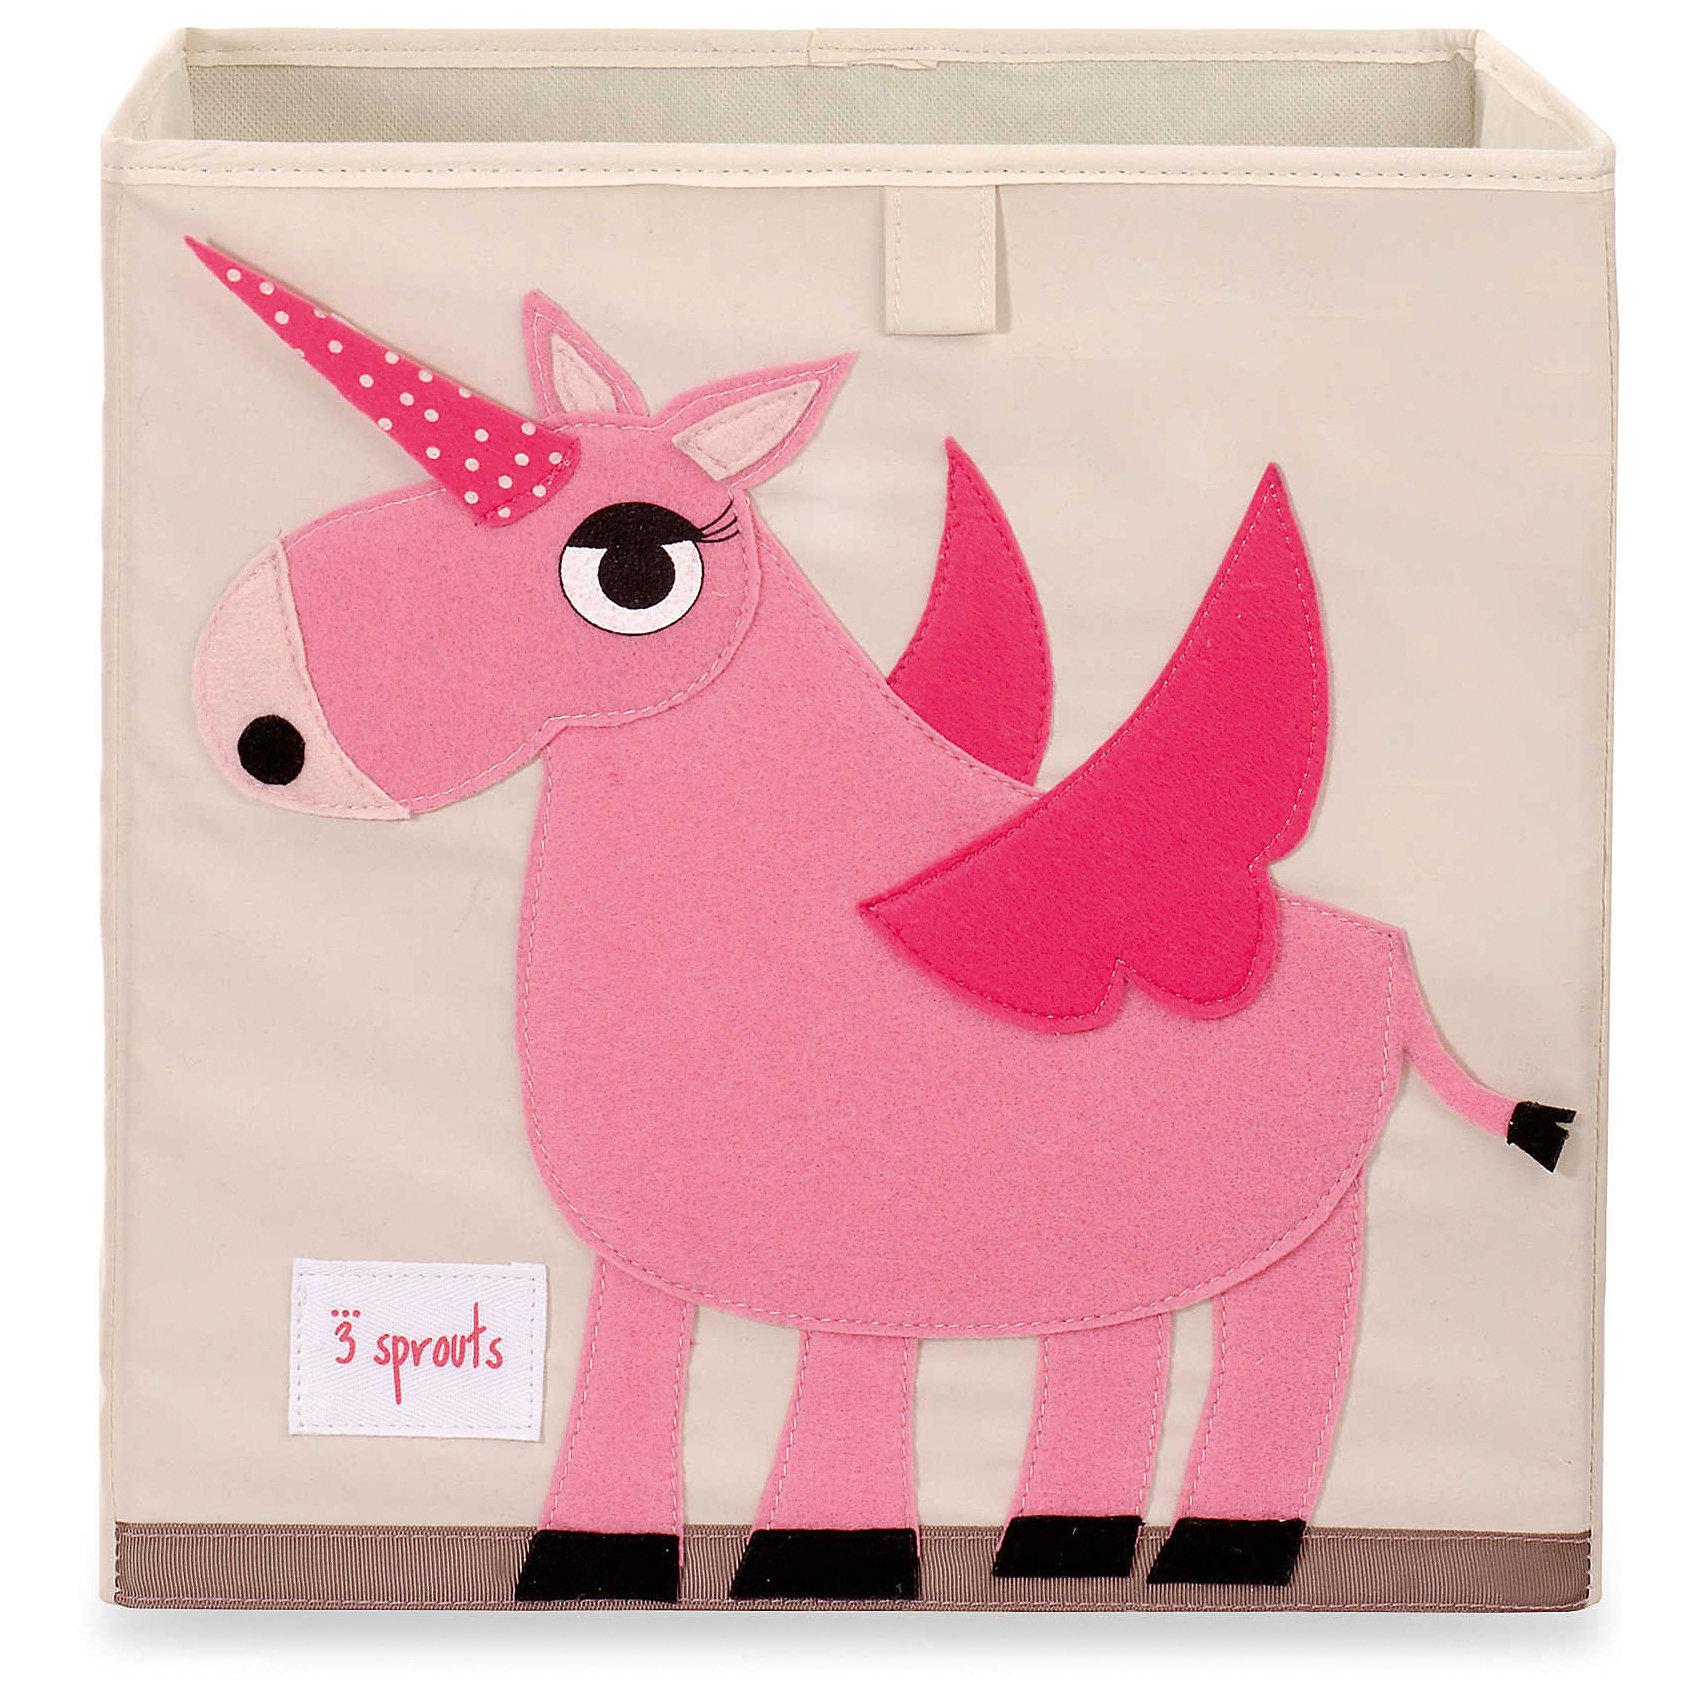 Коробка для хранения Единорог (Pink Unicorn), 3 SproutsКрасивая коробка - это не только место для хранения вещей, но и прекрасный декор любой комнаты.<br><br>Дополнительная информация:<br><br>- Размер: 33x33x33 см.<br>- Материал: полиэстер.<br>- Орнамент: Единорог.<br><br>Купить коробку для хранения Единорог (Pink Unicorn), можно в нашем магазине.<br><br>Ширина мм: 330<br>Глубина мм: 20<br>Высота мм: 330<br>Вес г: 830<br>Возраст от месяцев: 6<br>Возраст до месяцев: 84<br>Пол: Унисекс<br>Возраст: Детский<br>SKU: 5098223